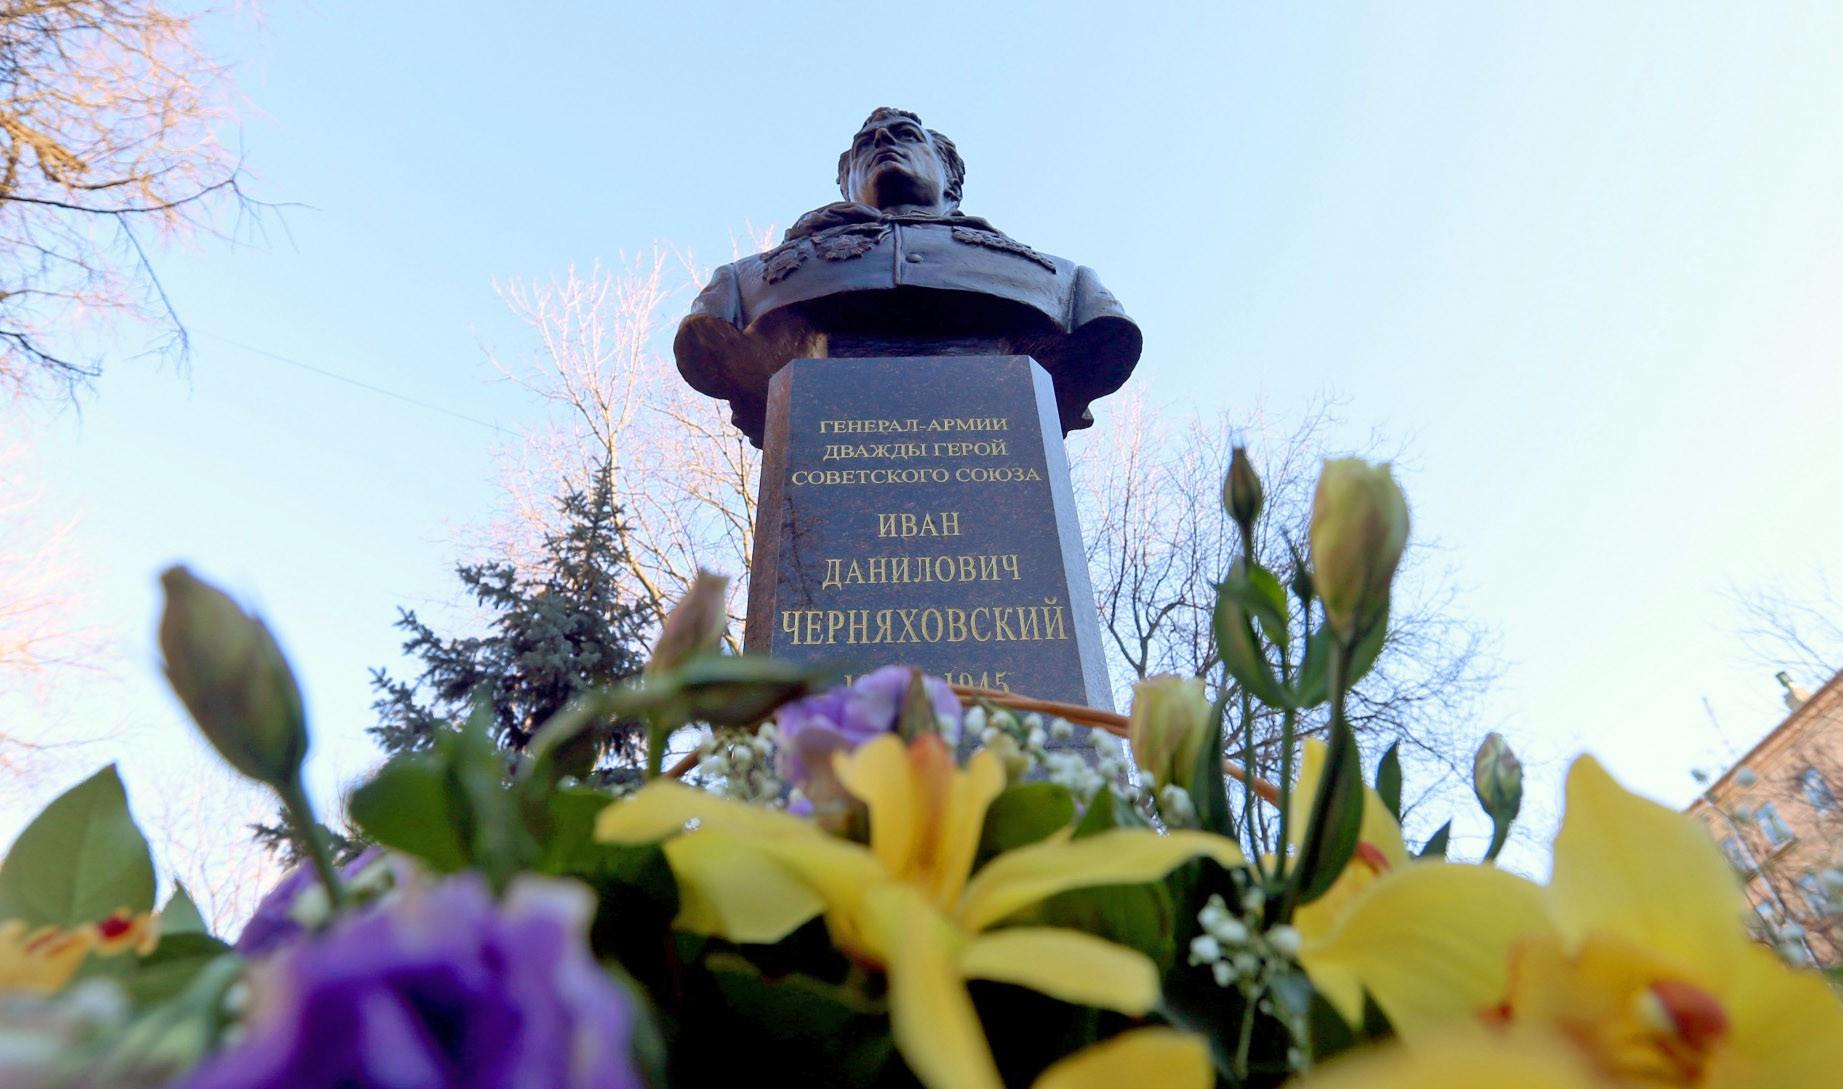 Бюст героя Советского Союза Ивана Черняховского